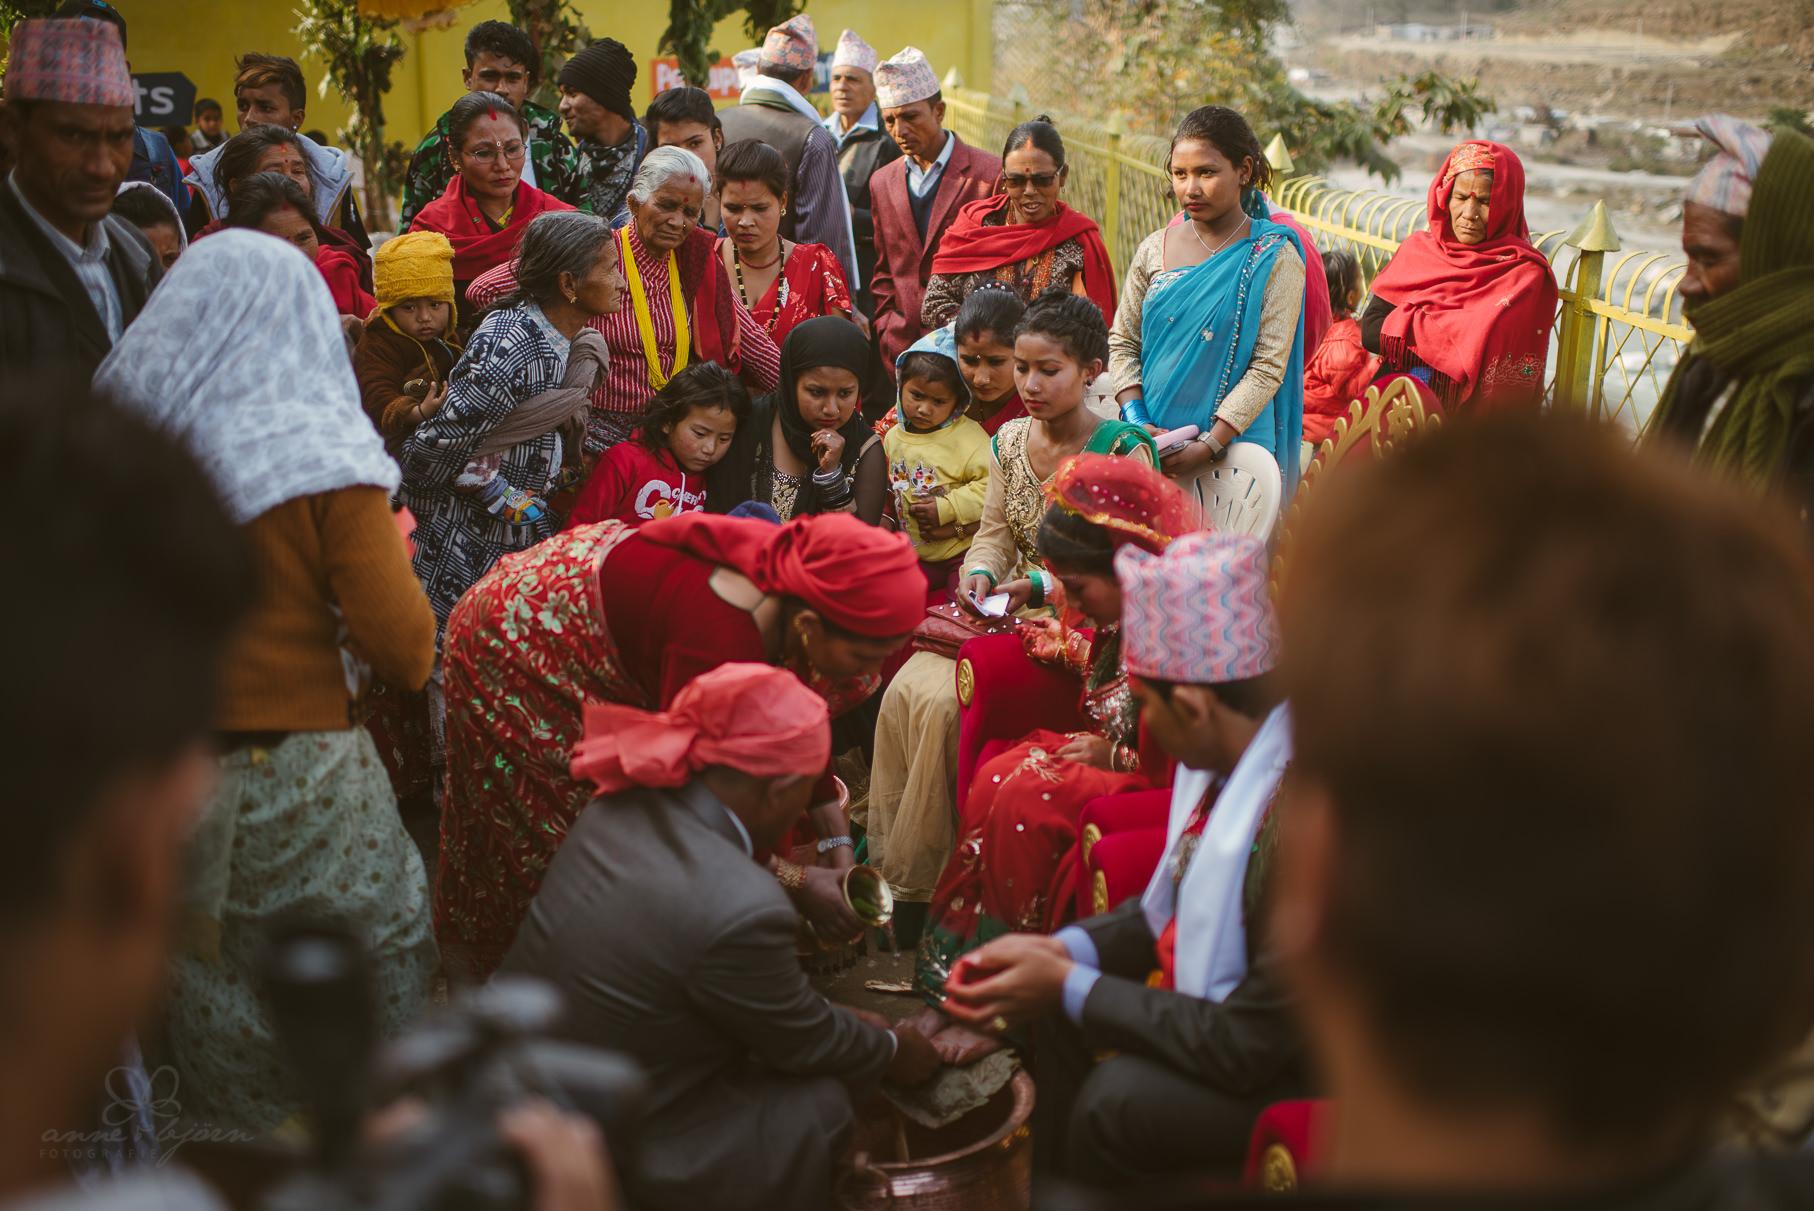 0029 anne und bjoern chitwan nationalpark nepal d75 3921 2 - Nepal Teil 3 - Roadtrip, Chitwan Nationalpark und eine spontane Hochzeit